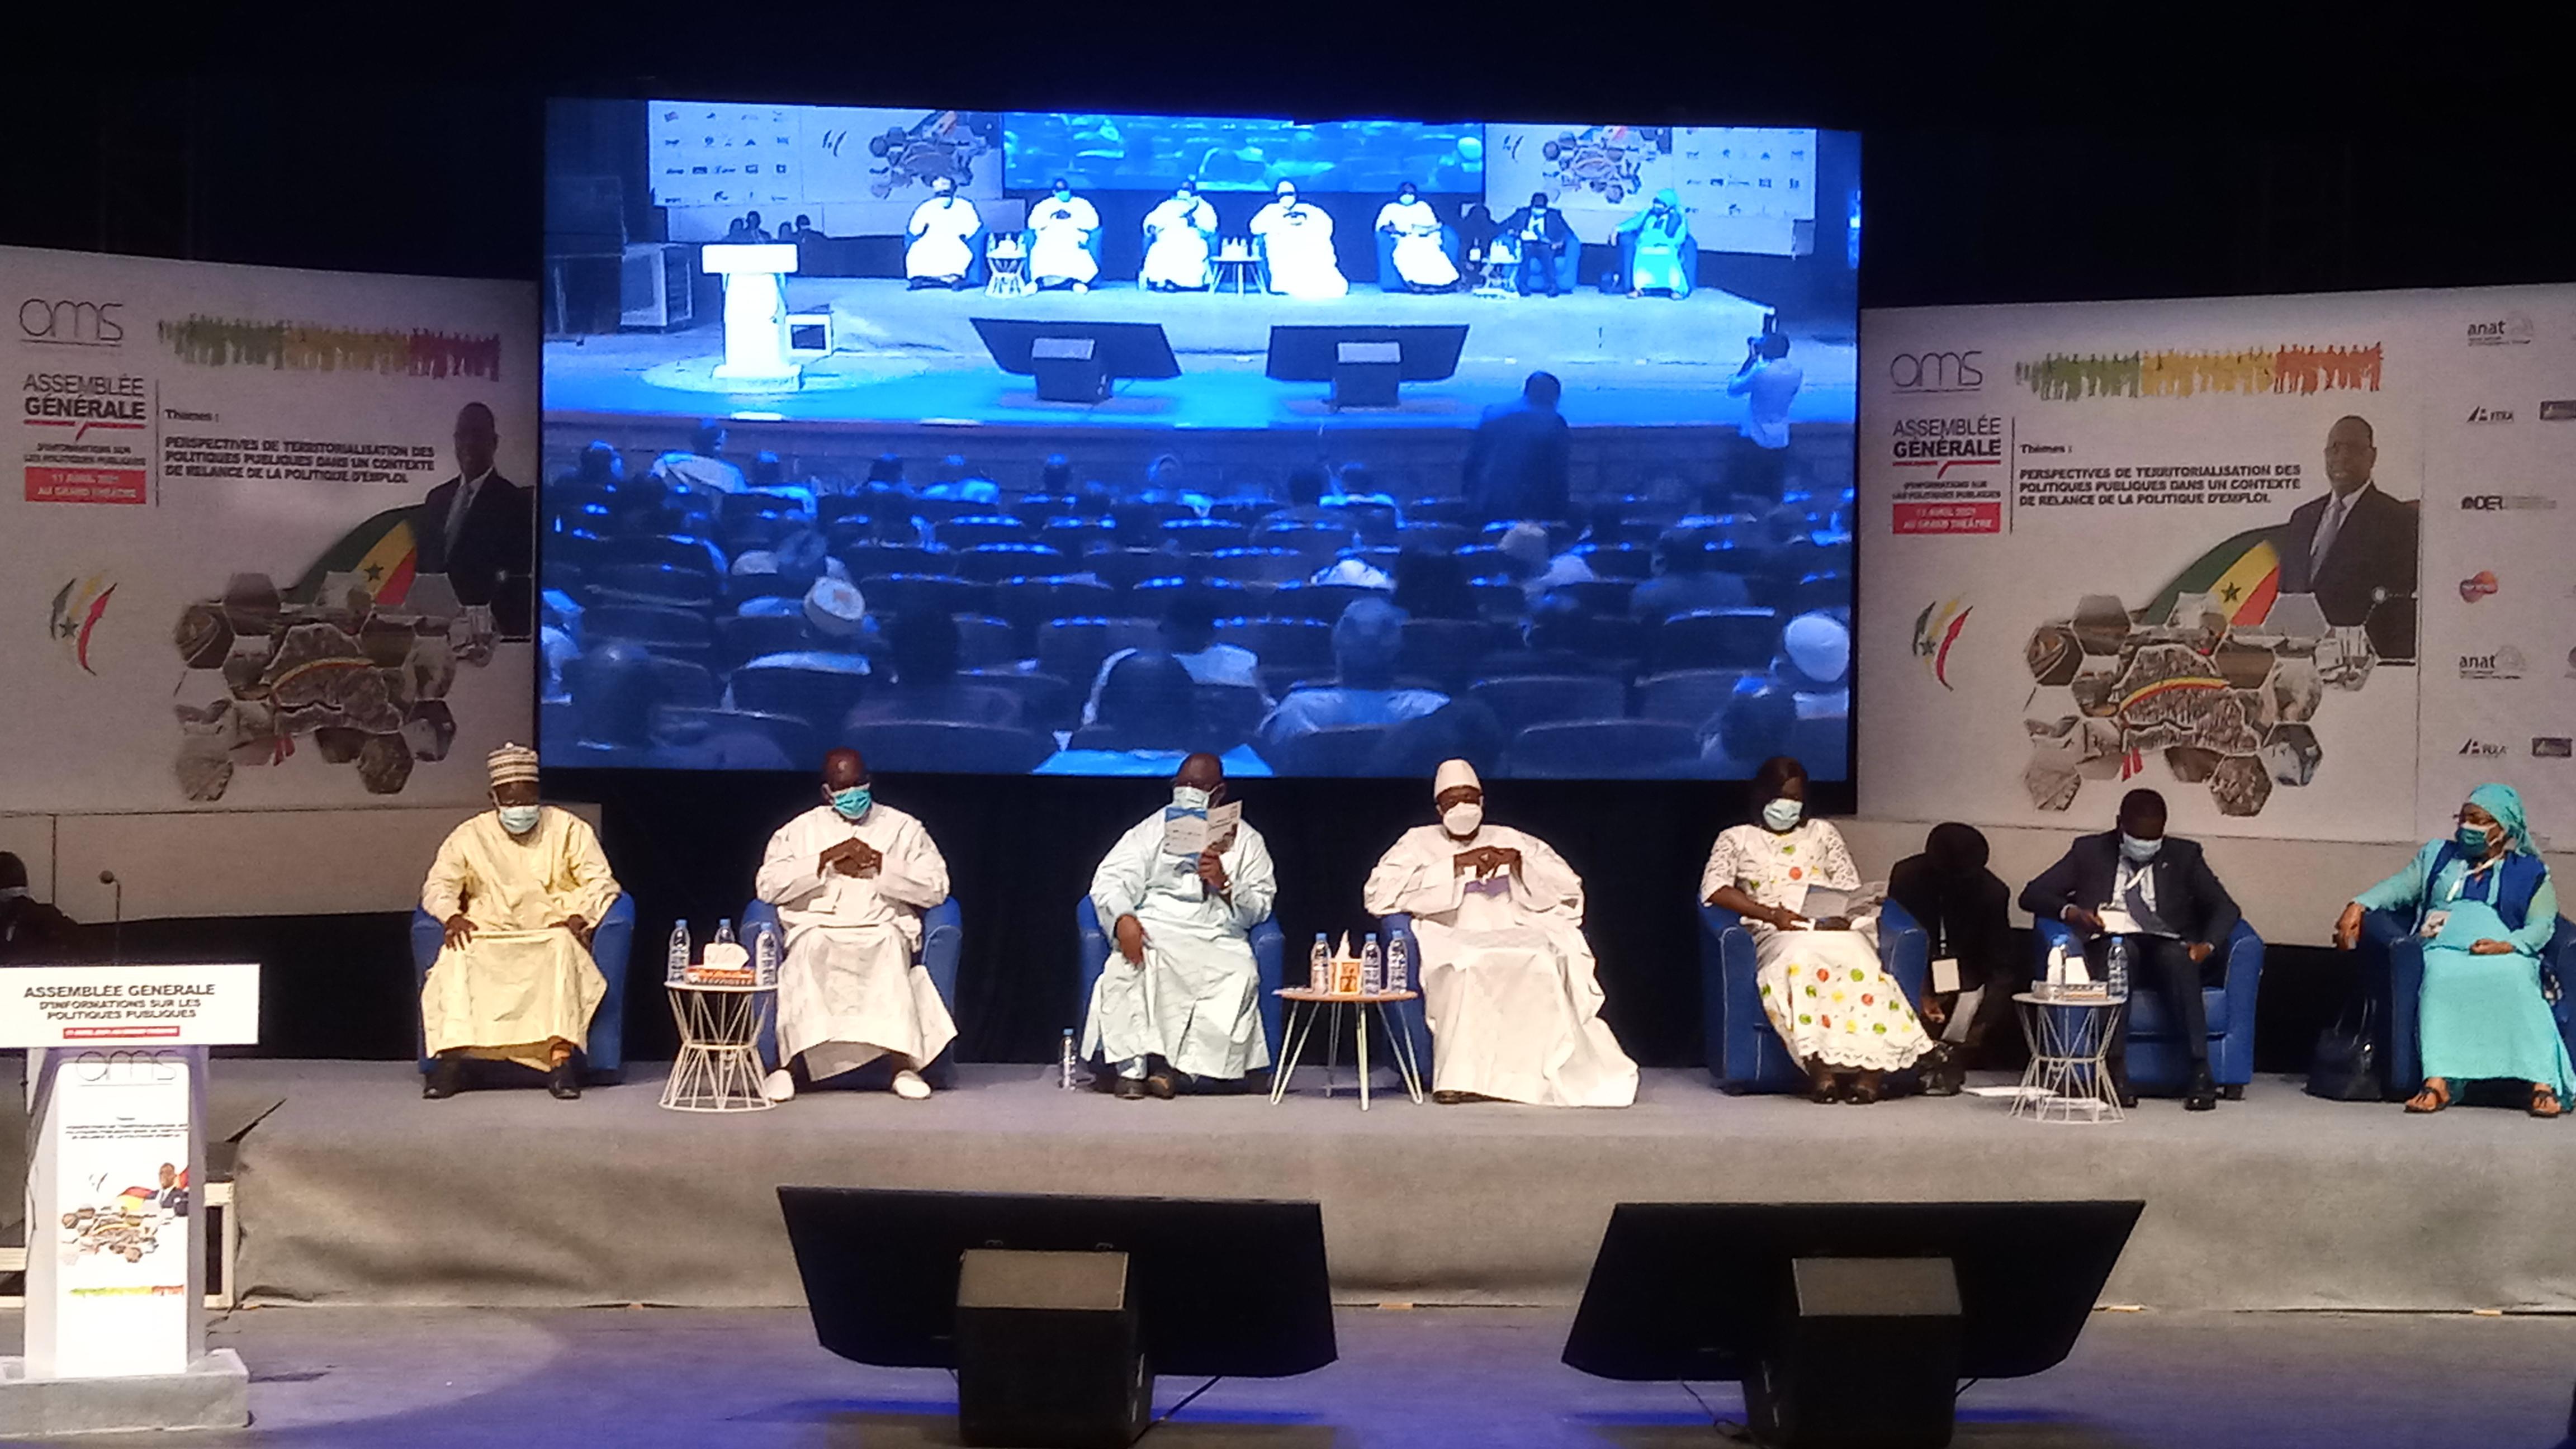 Assemblée générale extraordinaire de l'AMS : Les maires du Sénégal se retrouvent pour renforcer les politiques publiques et l'emploi des jeunes.